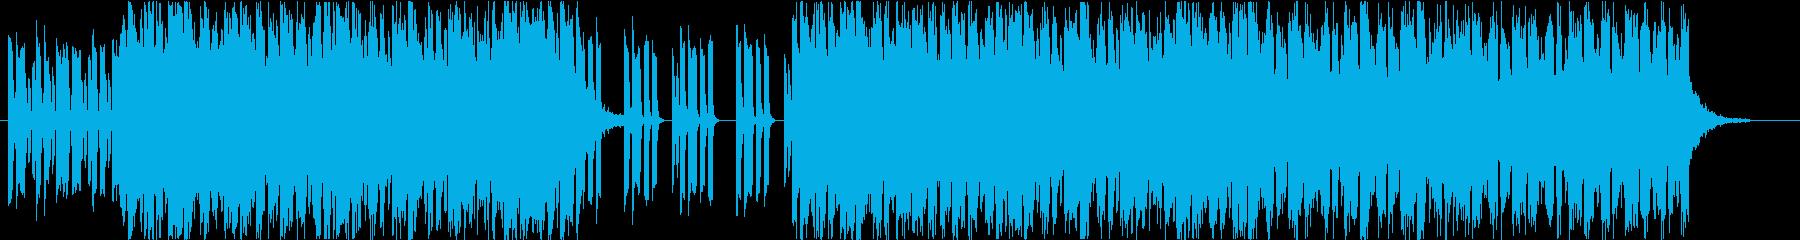 緊張感のあるプログレ風BGMの再生済みの波形